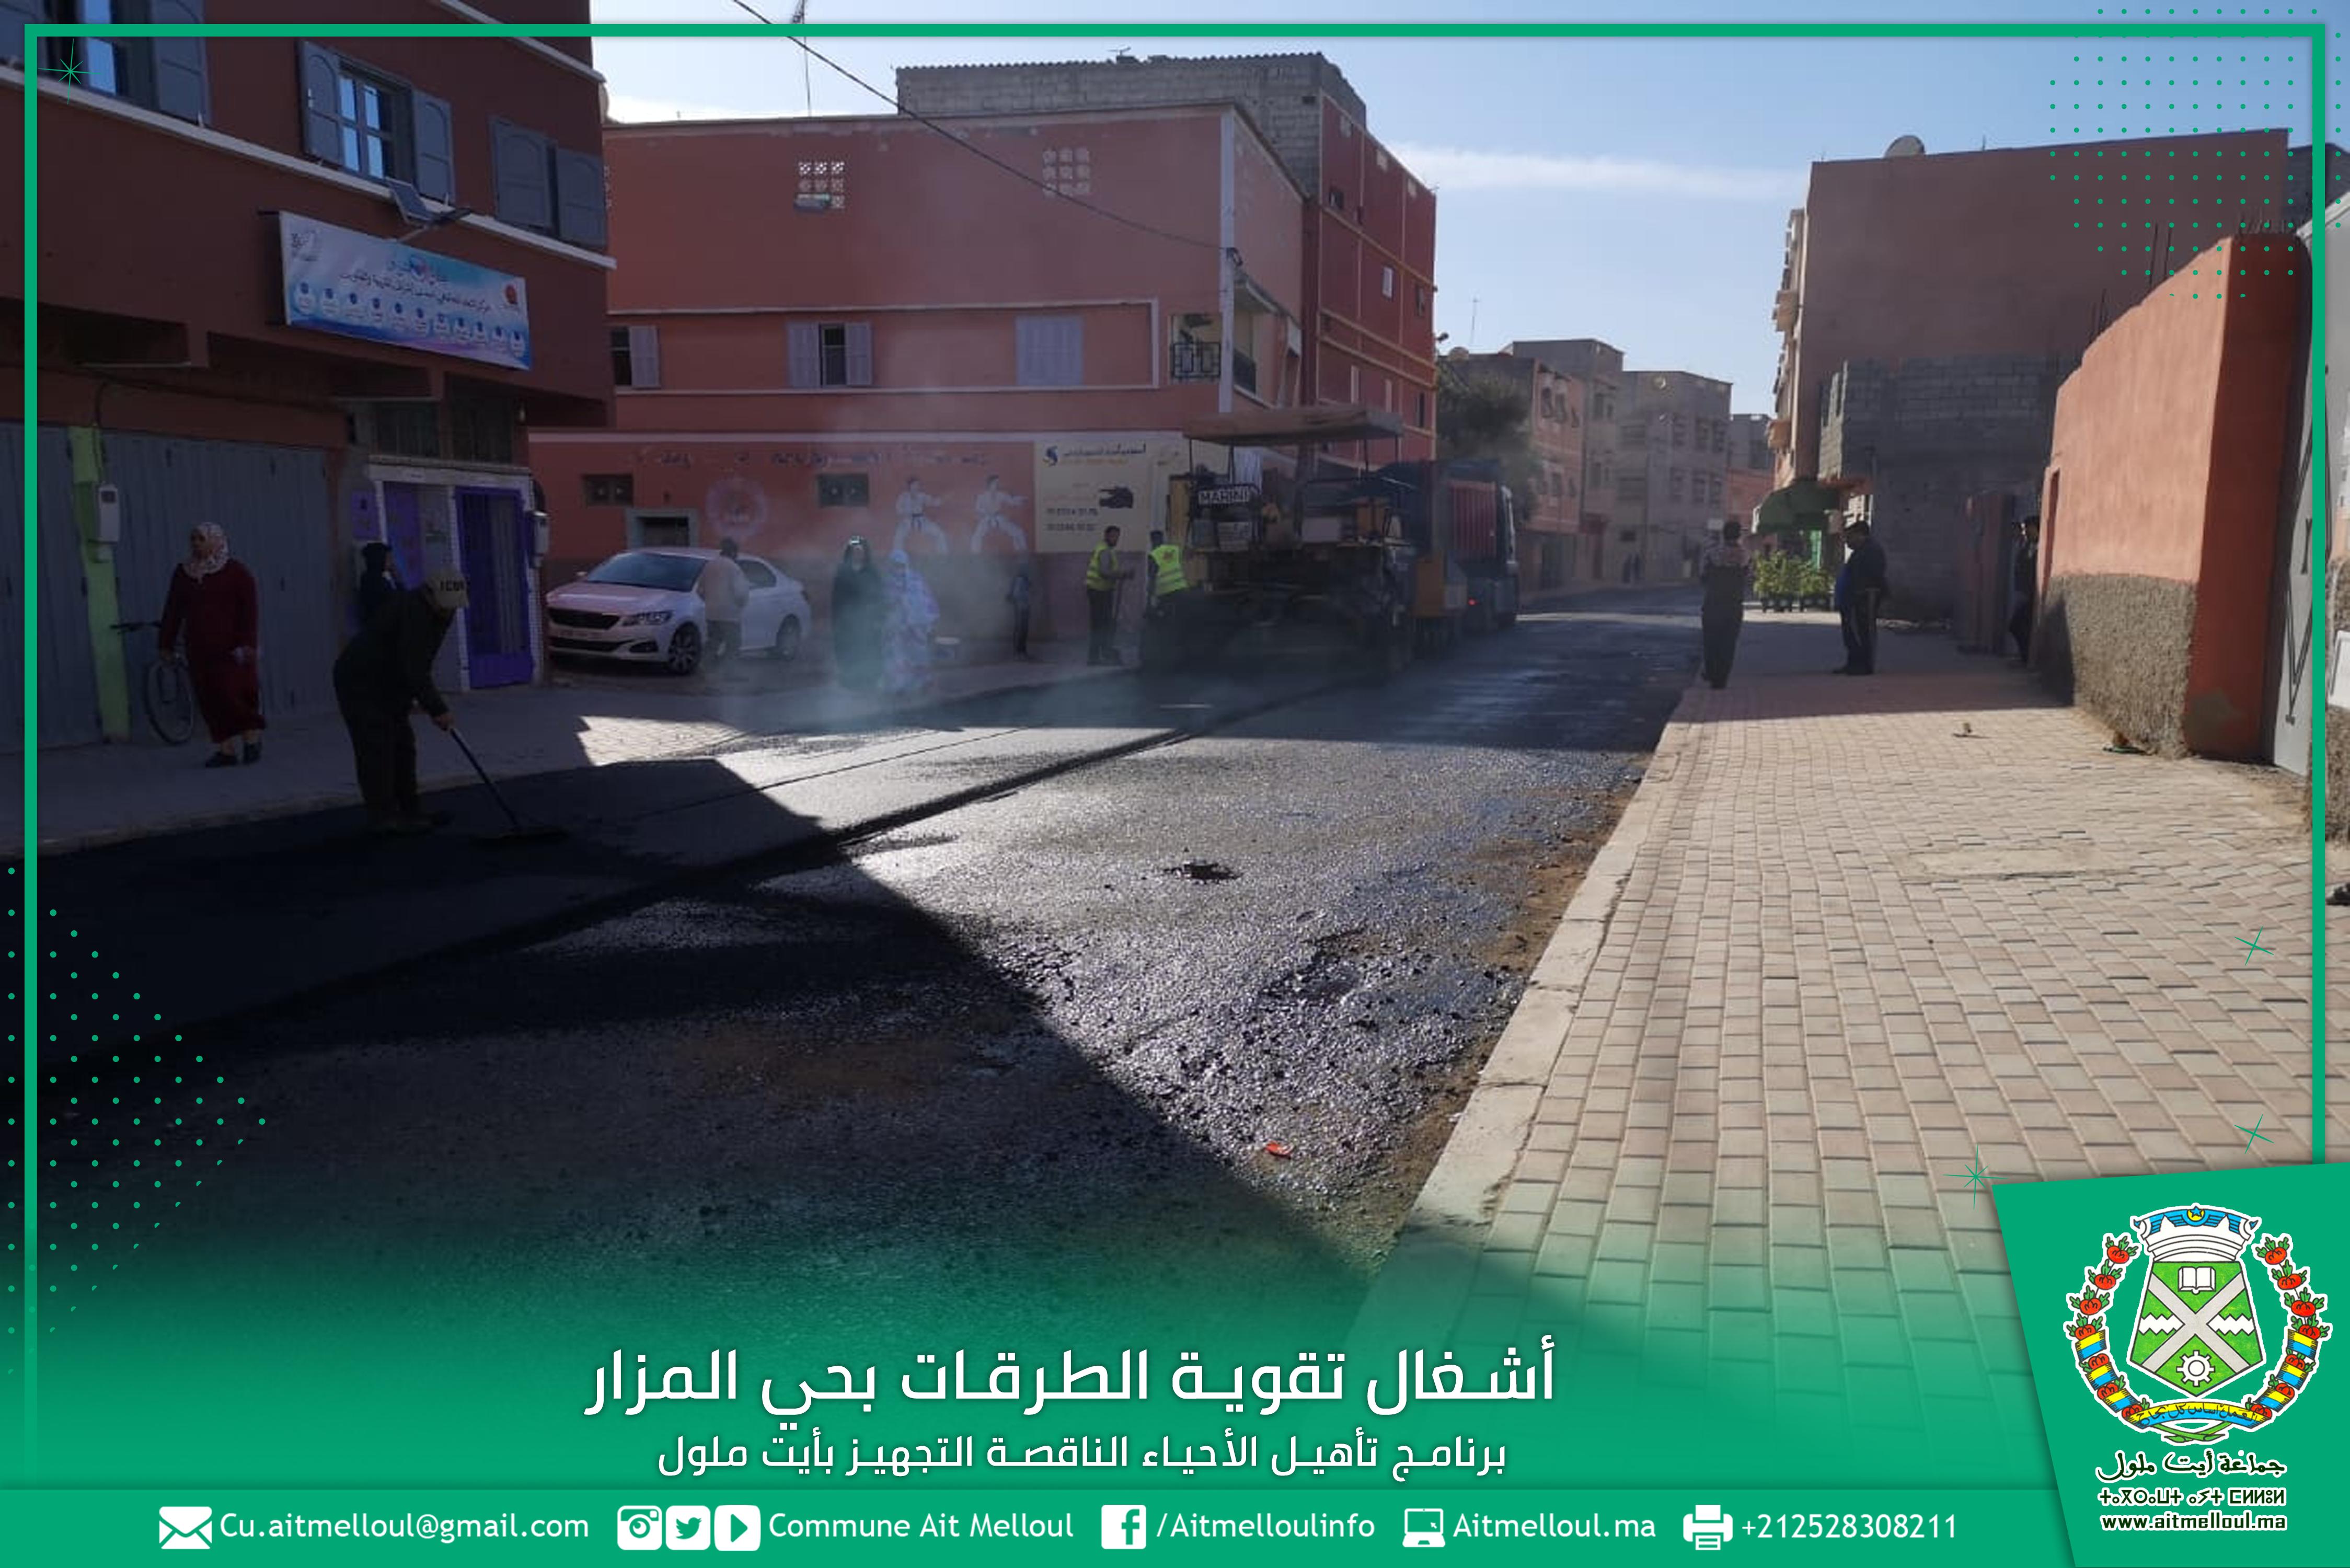 عبدالعالي أزنكض نائب رئيس المجلس في تتبع لأشغال تقوية الطرقات بحي المزار